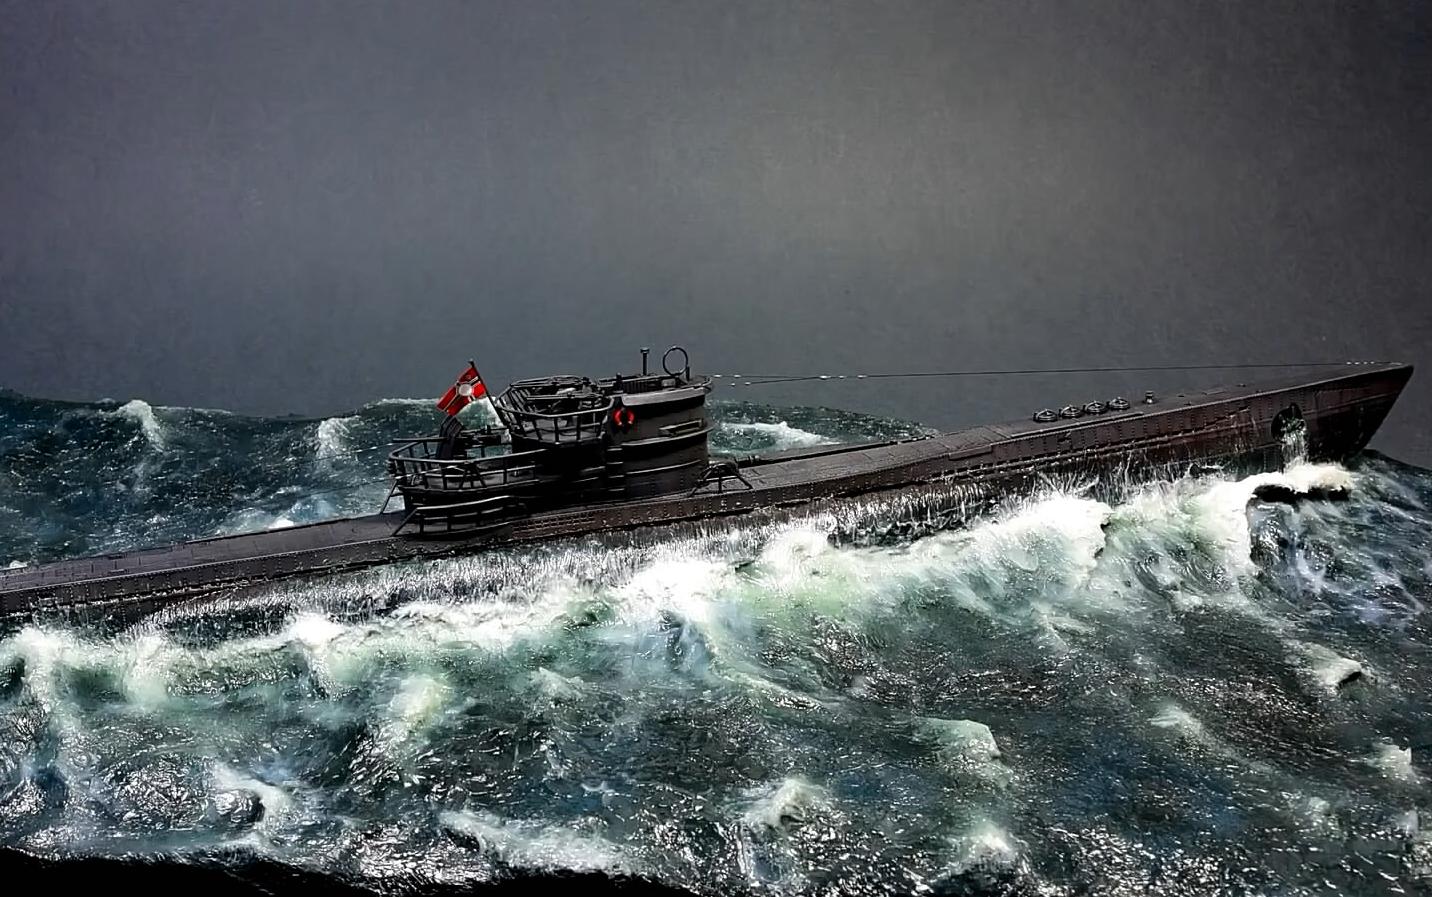 德国xxi潜艇_【U-Boat】德国VIIC/41型潜艇模型制作_野生技术协会_科技_bilibili_哔 ...